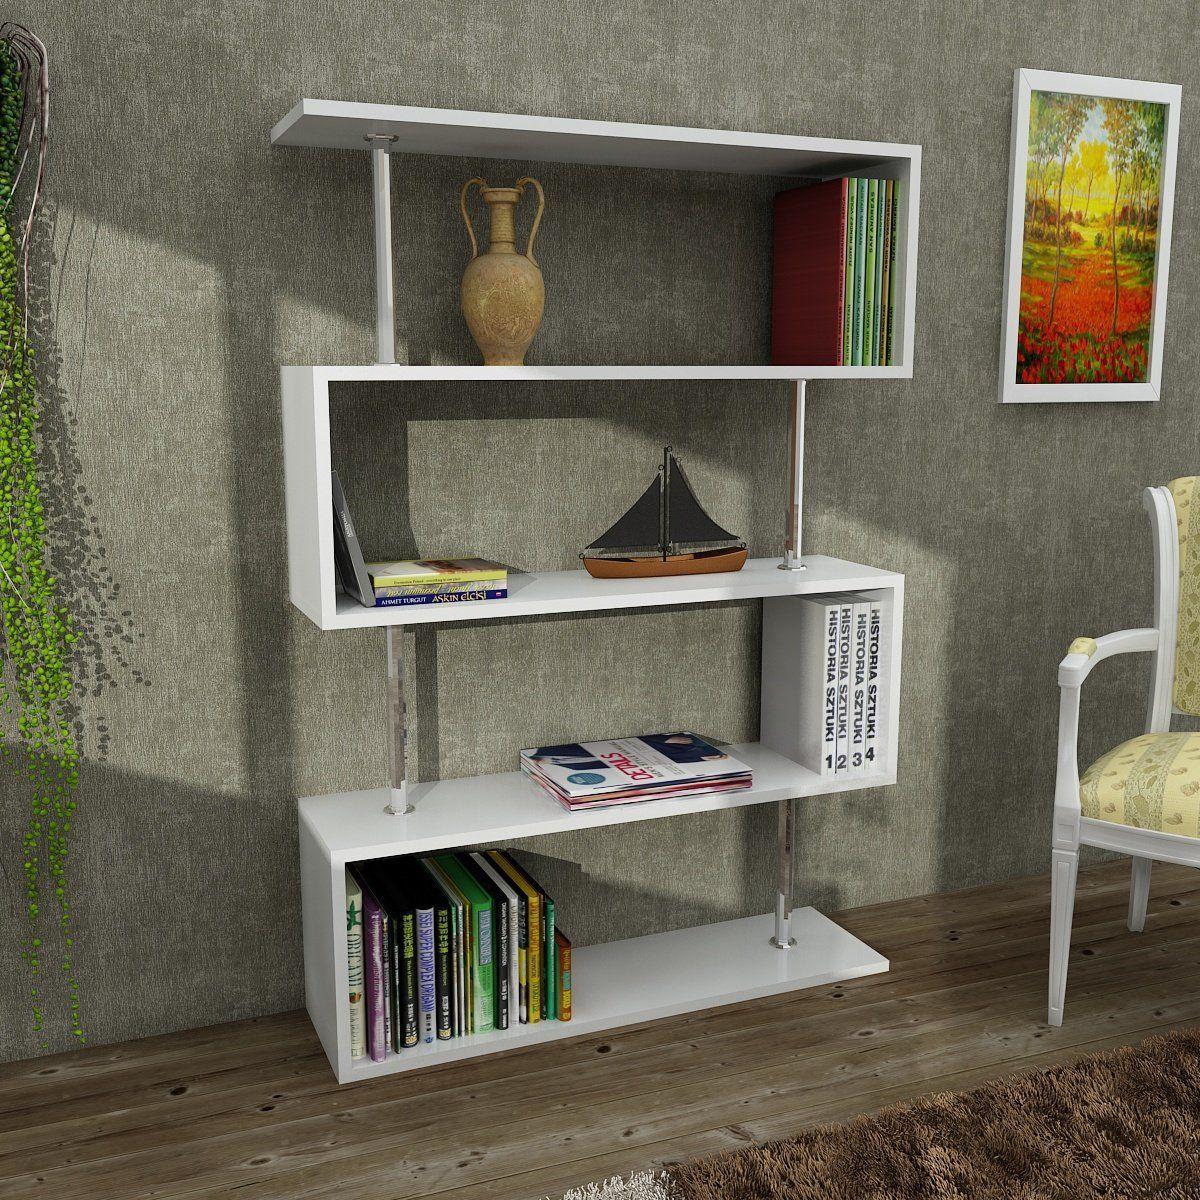 Bliss Modern Bookcase Shelving Unit Bookshelf